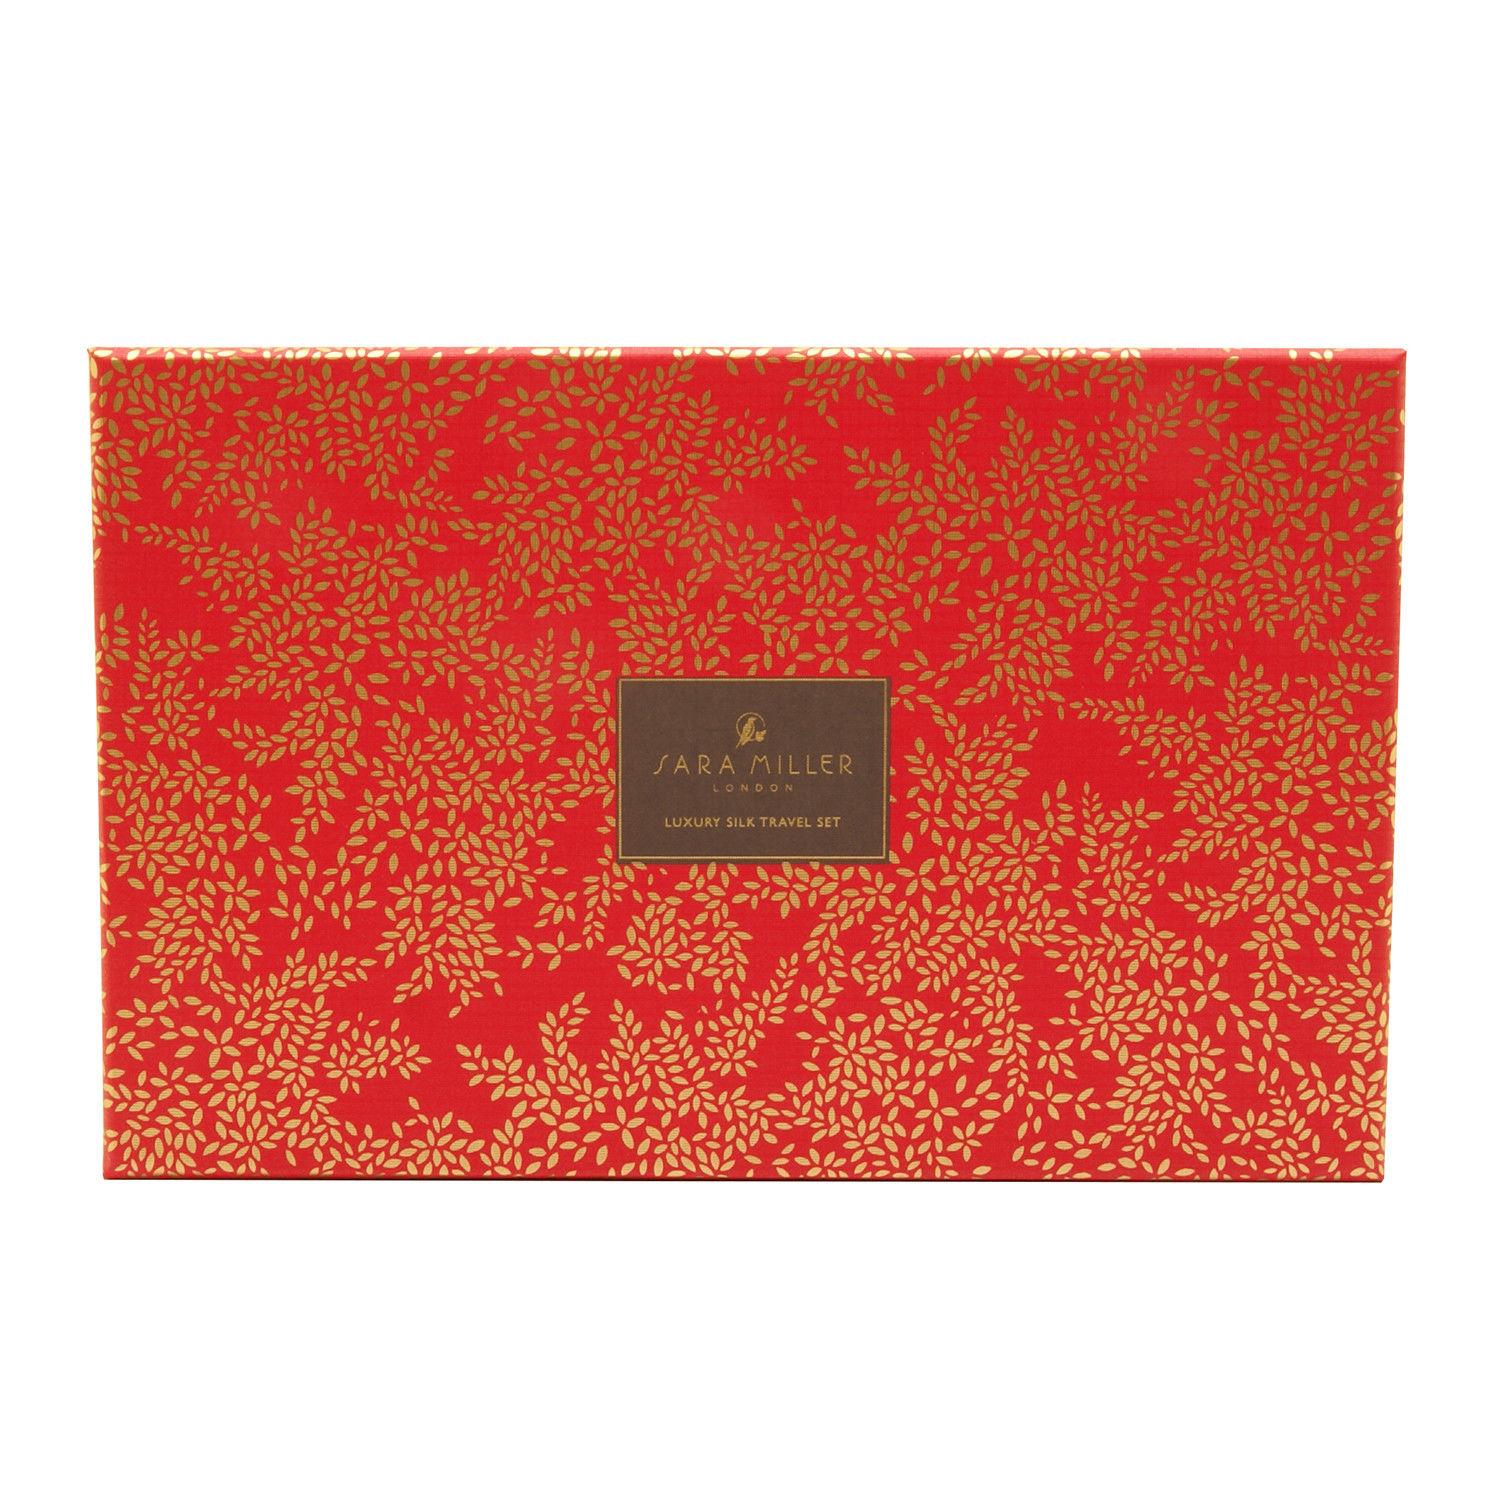 Sara Miller – Pink Flamingo Silk Eye Mask & Travel Bag Set in Presentation Box